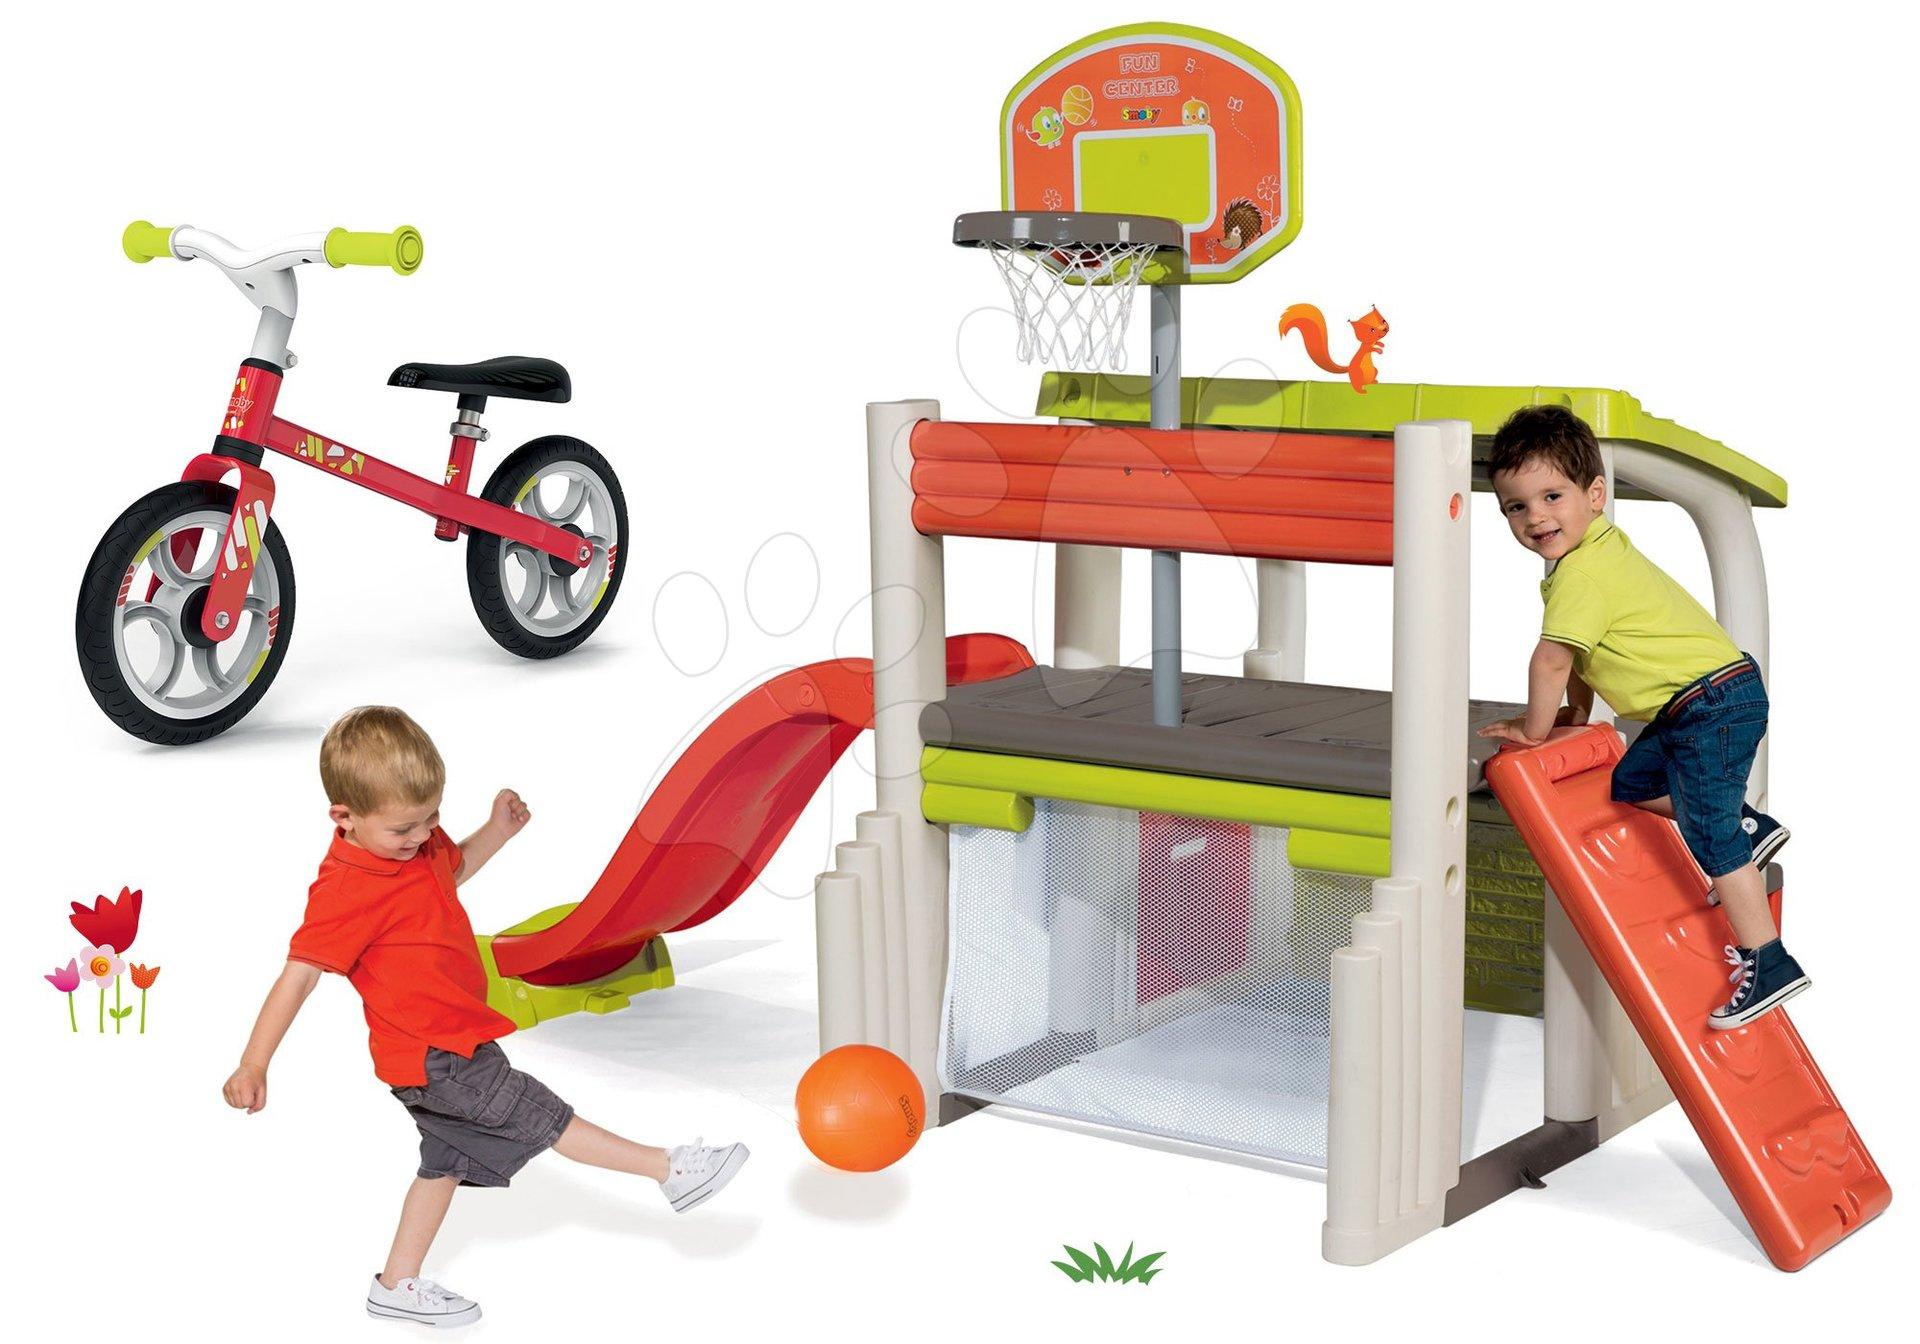 Hracie centrá - Set hracie centrum Fun Center Smoby so šmykľavkou dlhou 150 cm a balančné odrážadlo od 24 mes